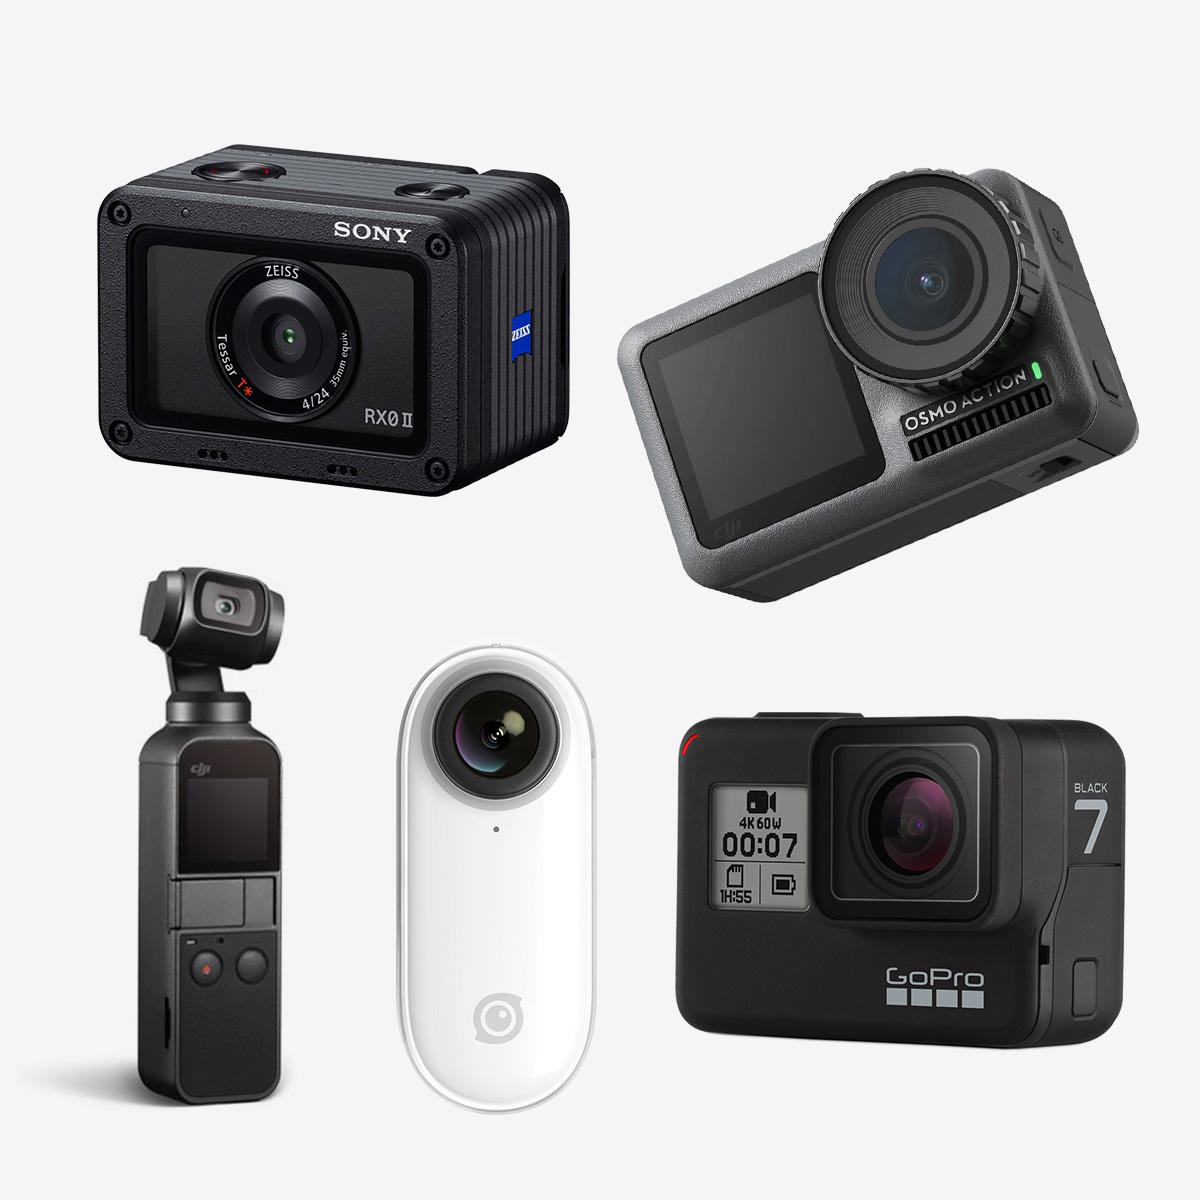 【2019年】アクションカメラの選び方ガイド。人気&コスパモデルを比較